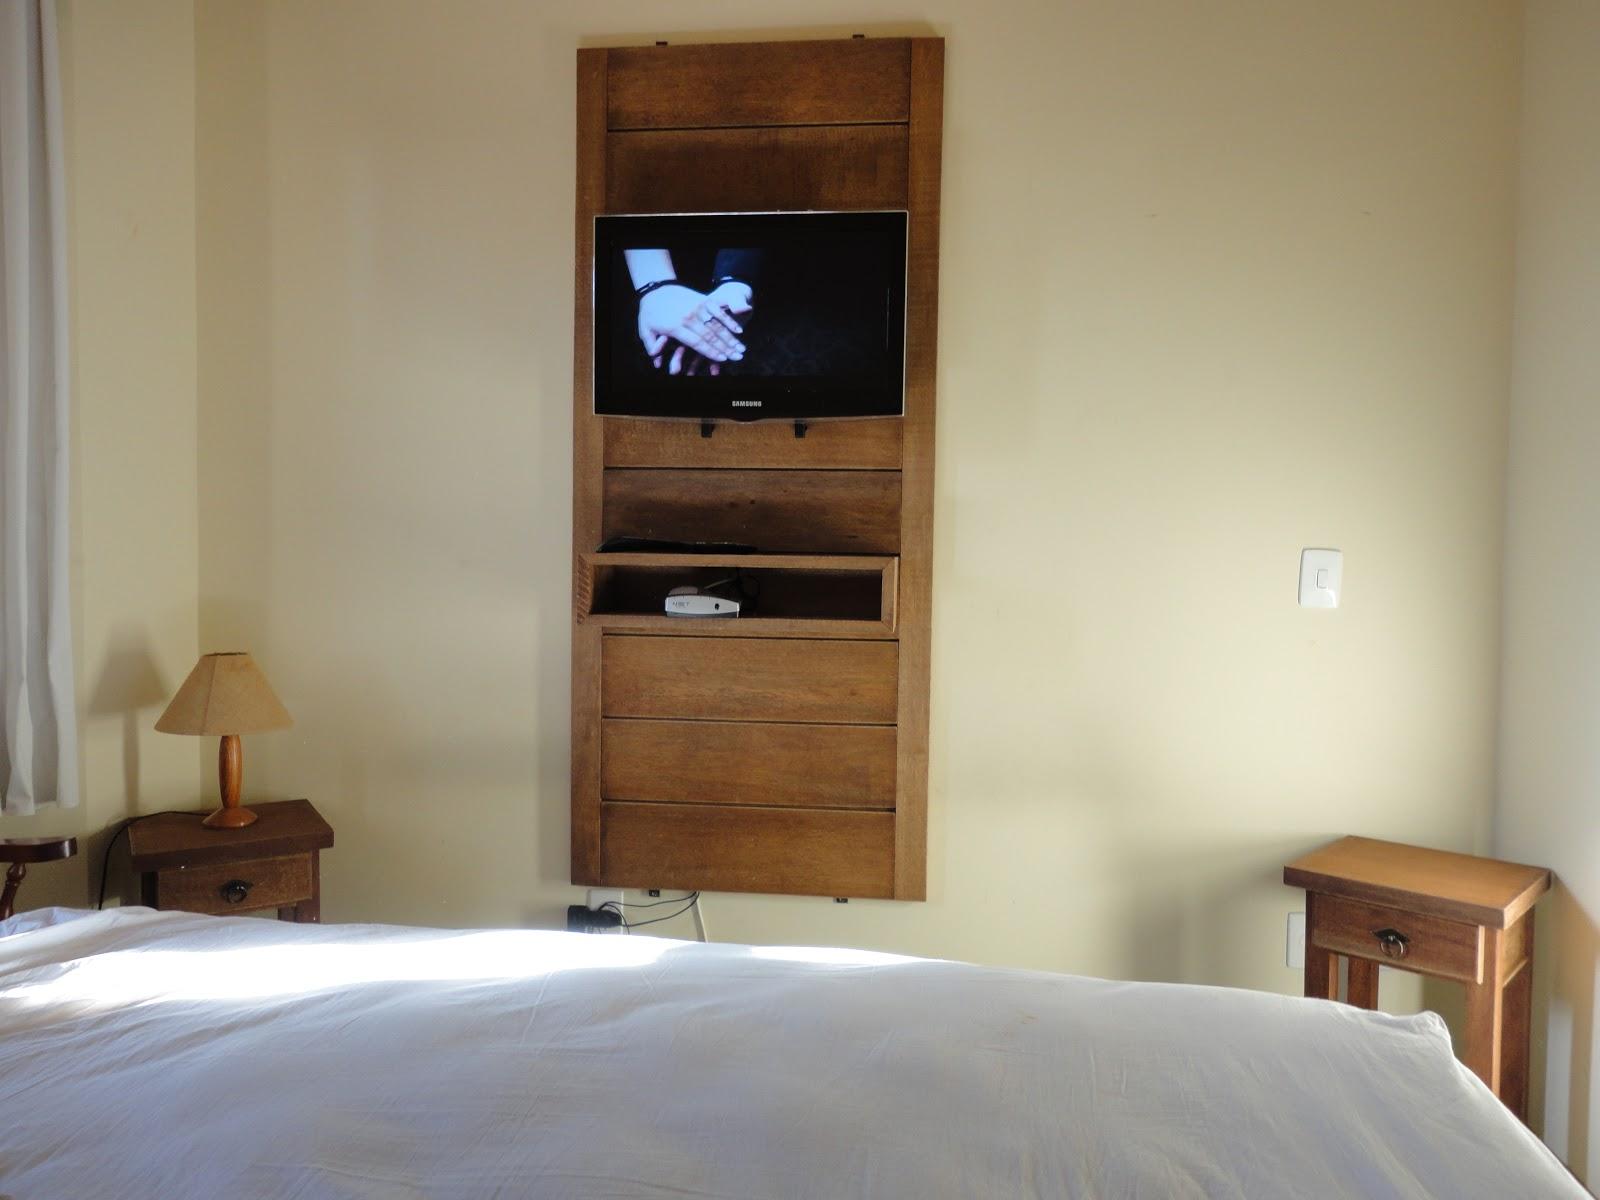 TOK RÚSTICO: Painel madeira no quarto #684326 1600x1200